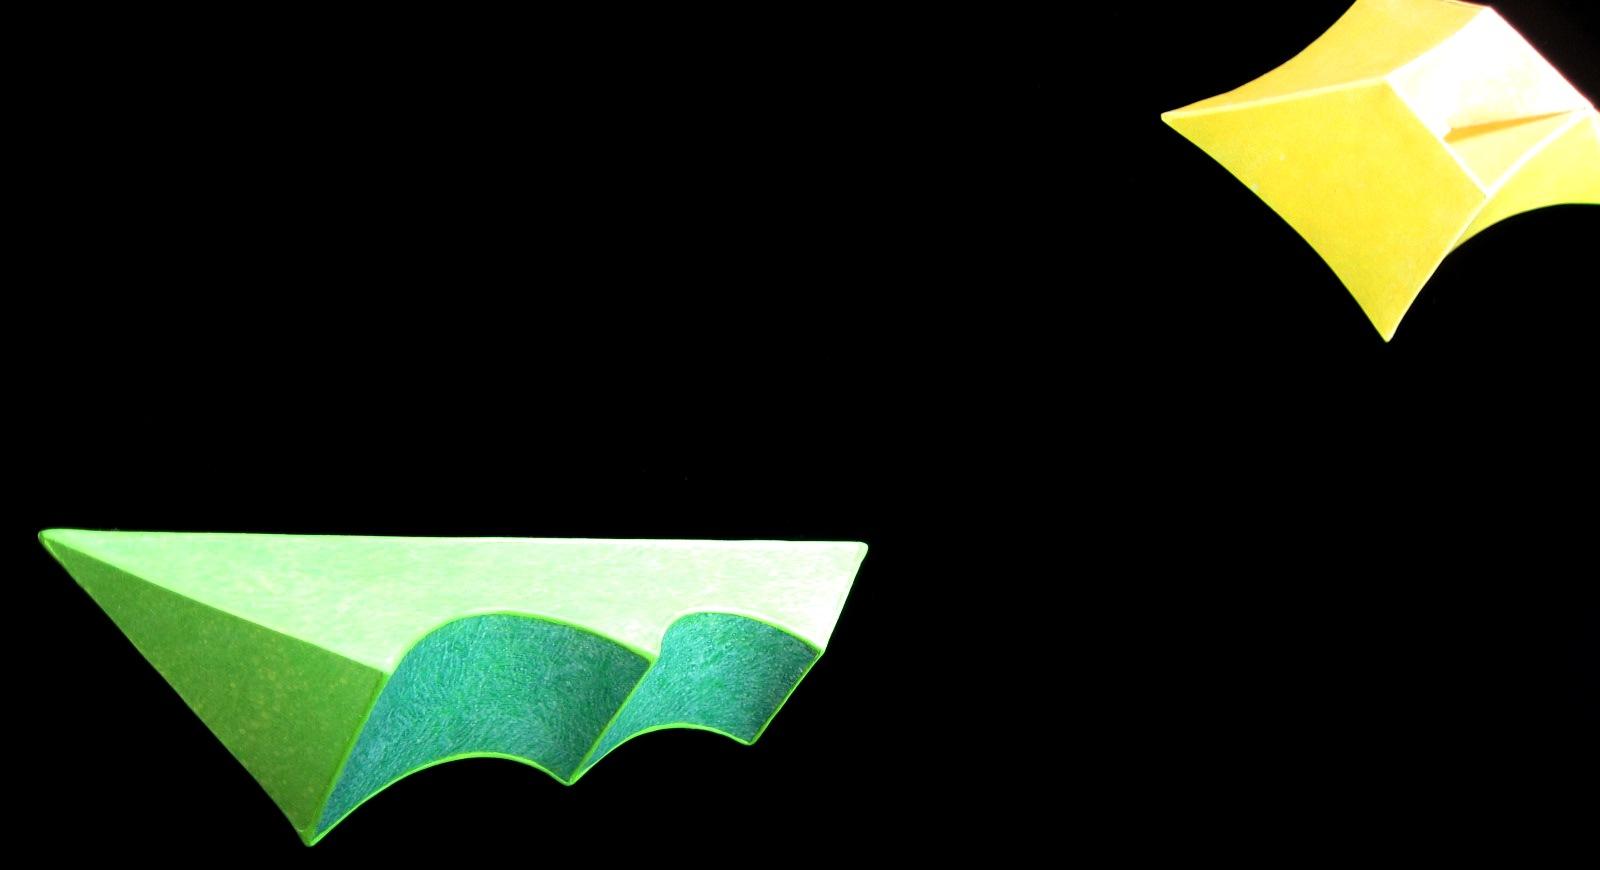 2212)「毛内やすはる<美術作家> [結晶]」 JRタワーARTBOX 9月1日(日)~11月30日(土)_f0126829_953527.jpg